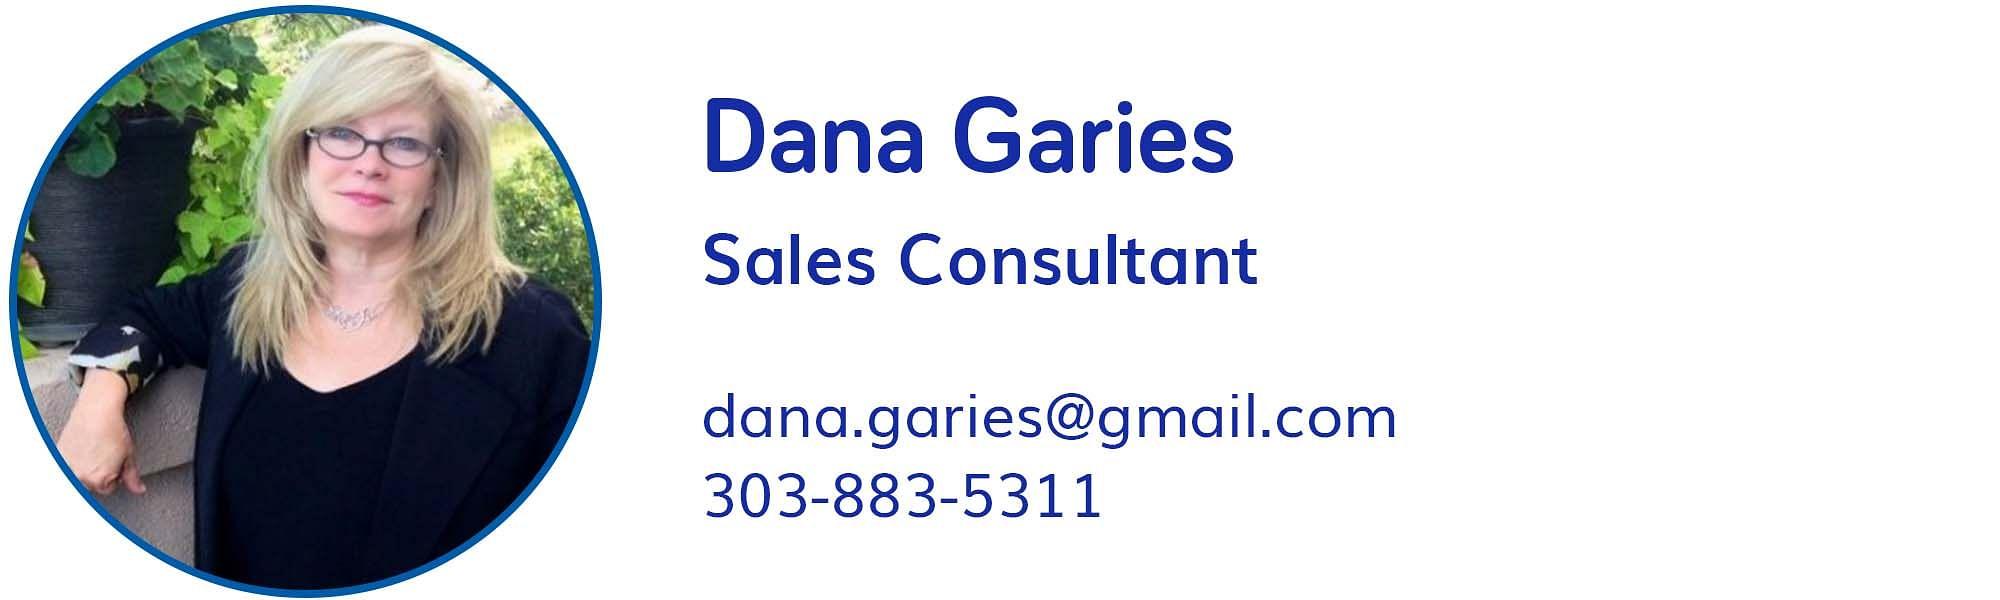 Dana Garies, dana.garies@gmail.com, 303-883-5311